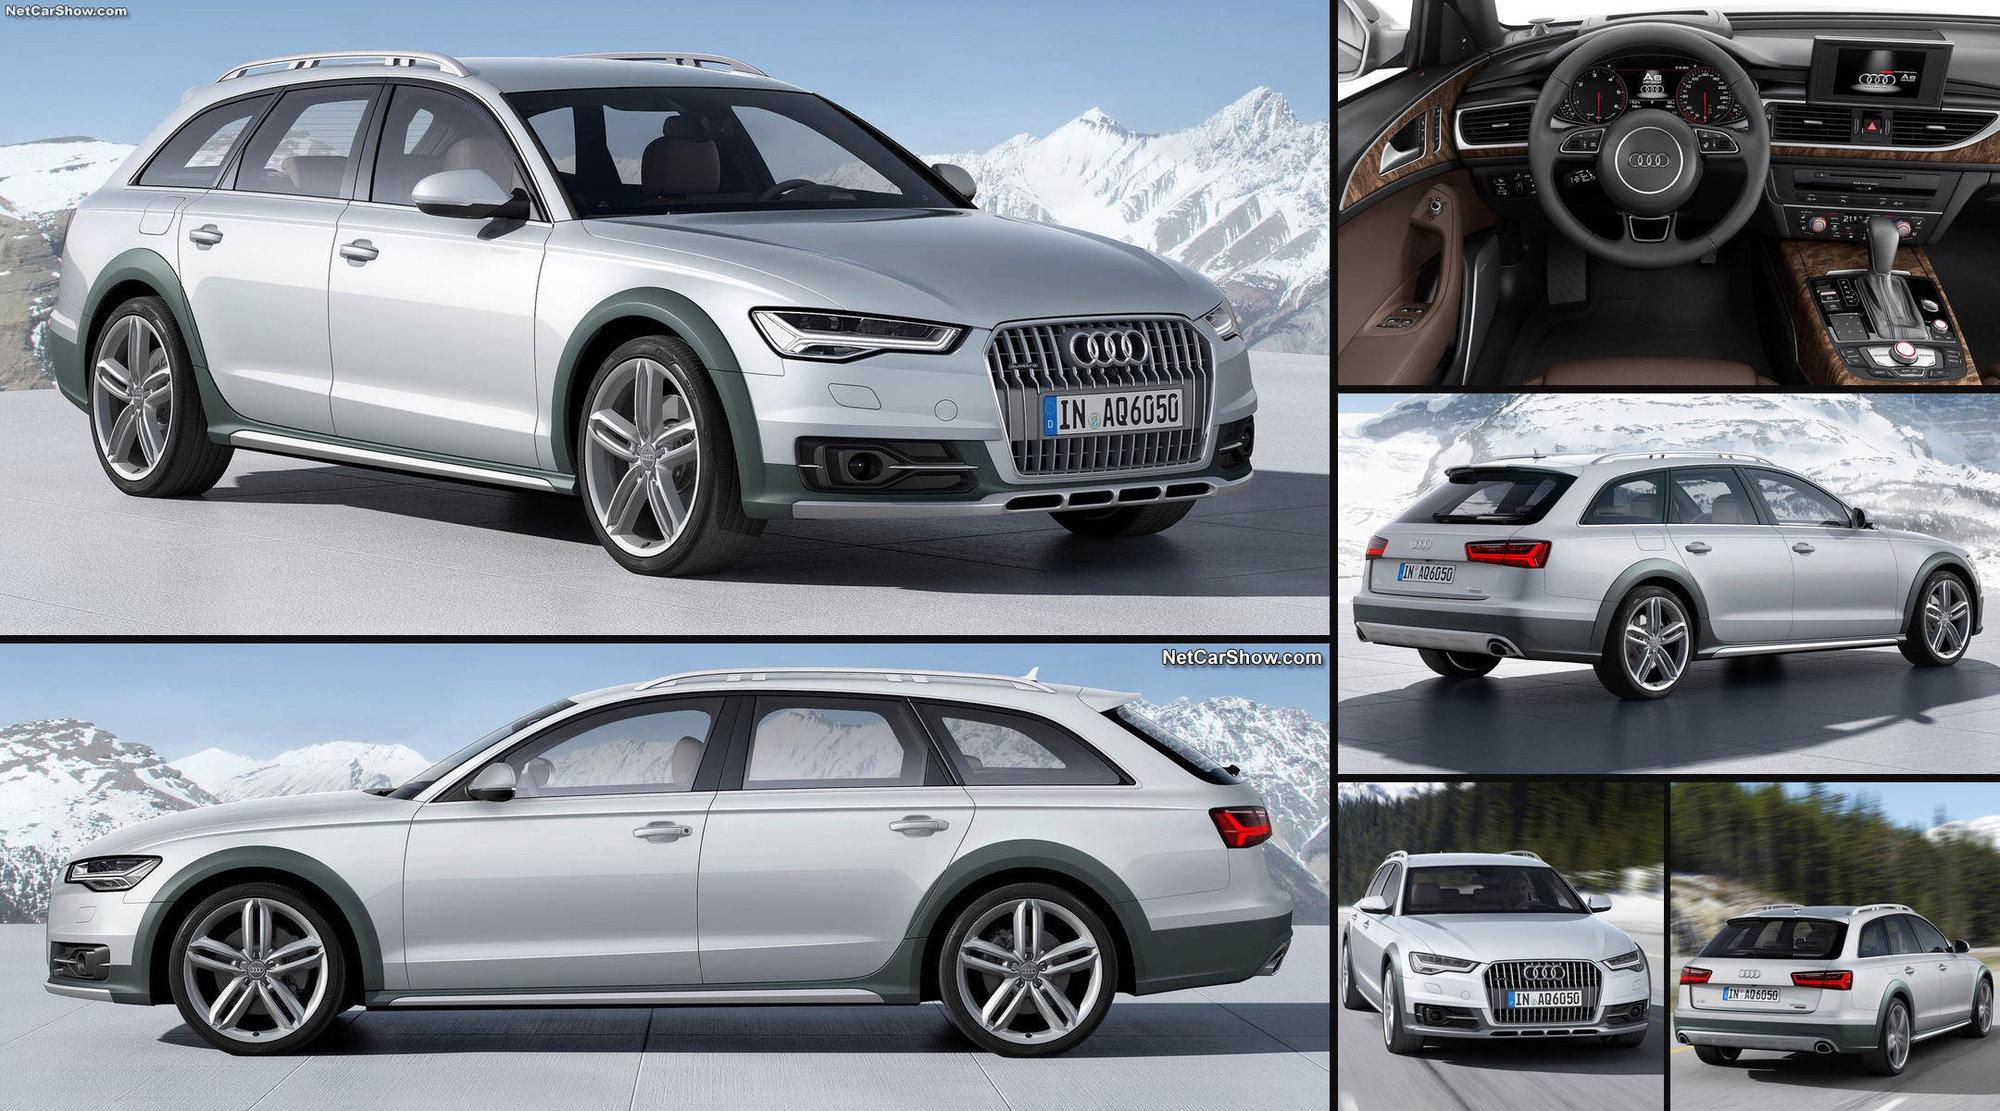 Audi-A6_allroad_quattro-2015-ig.thumb.jpg.e4f87bf78b24a664f389a15824f8a8f3.jpg